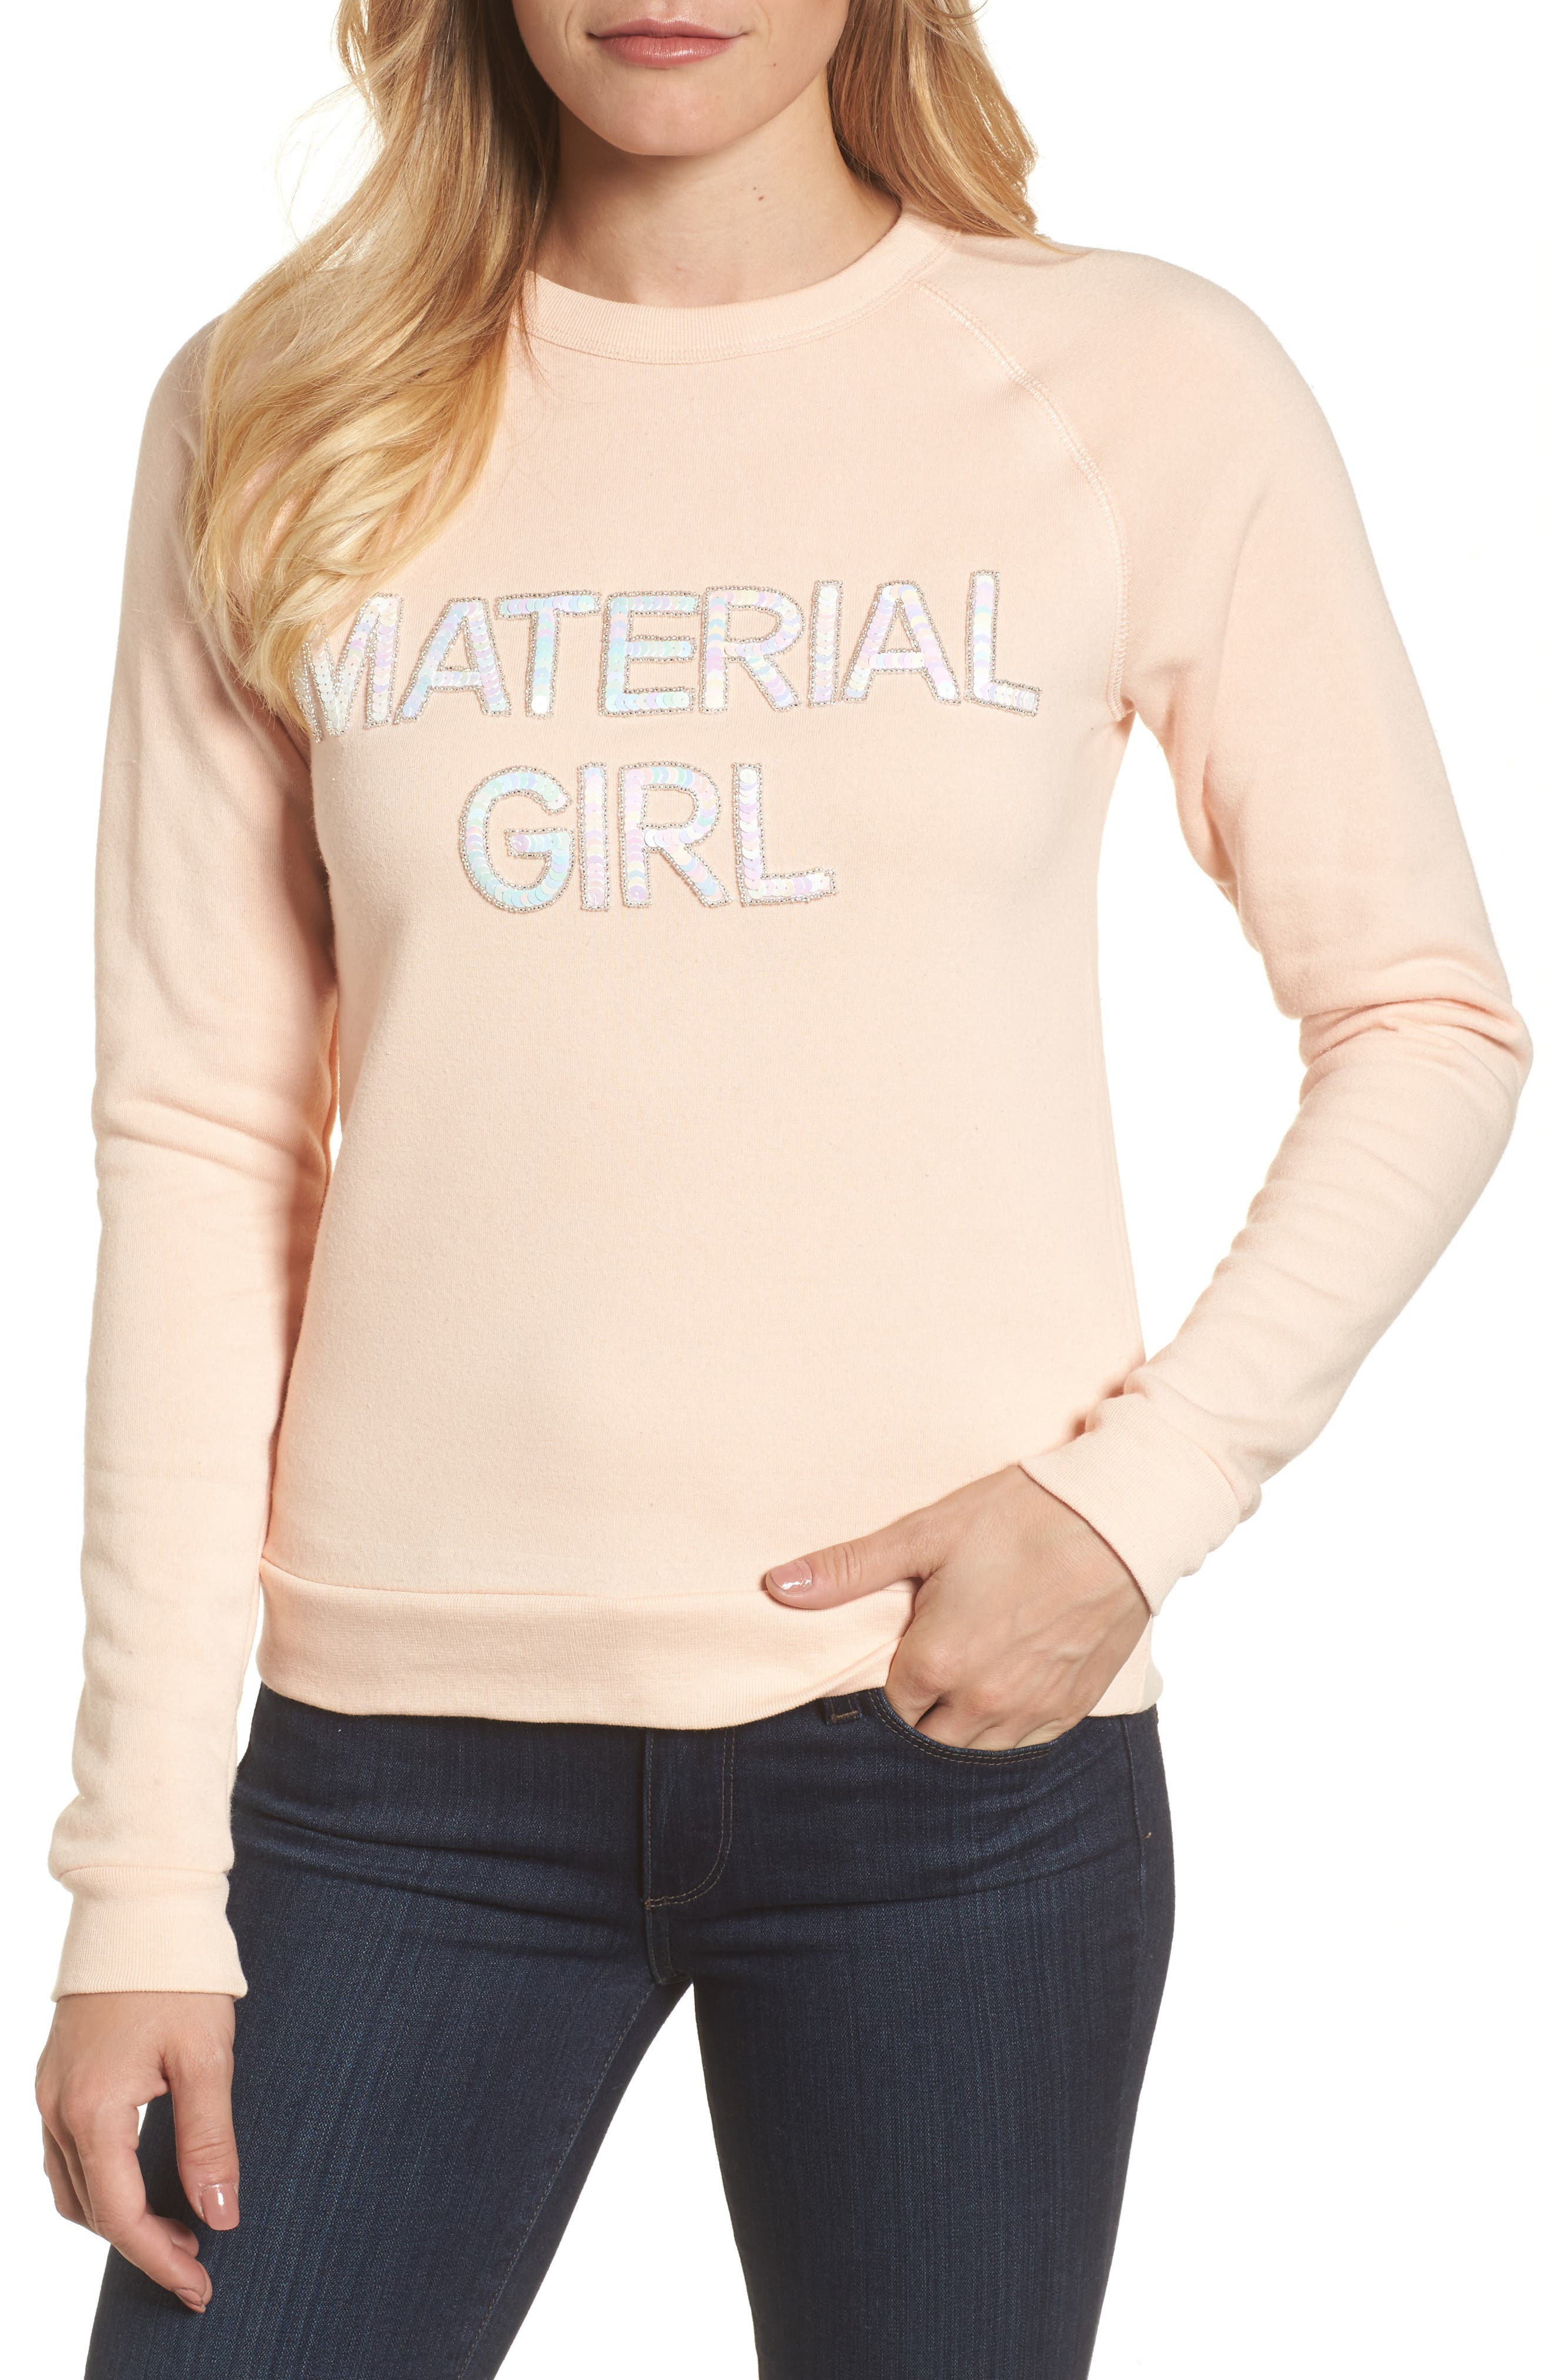 Material Girl Sweatshirt,                             Main thumbnail 1, color,                             650